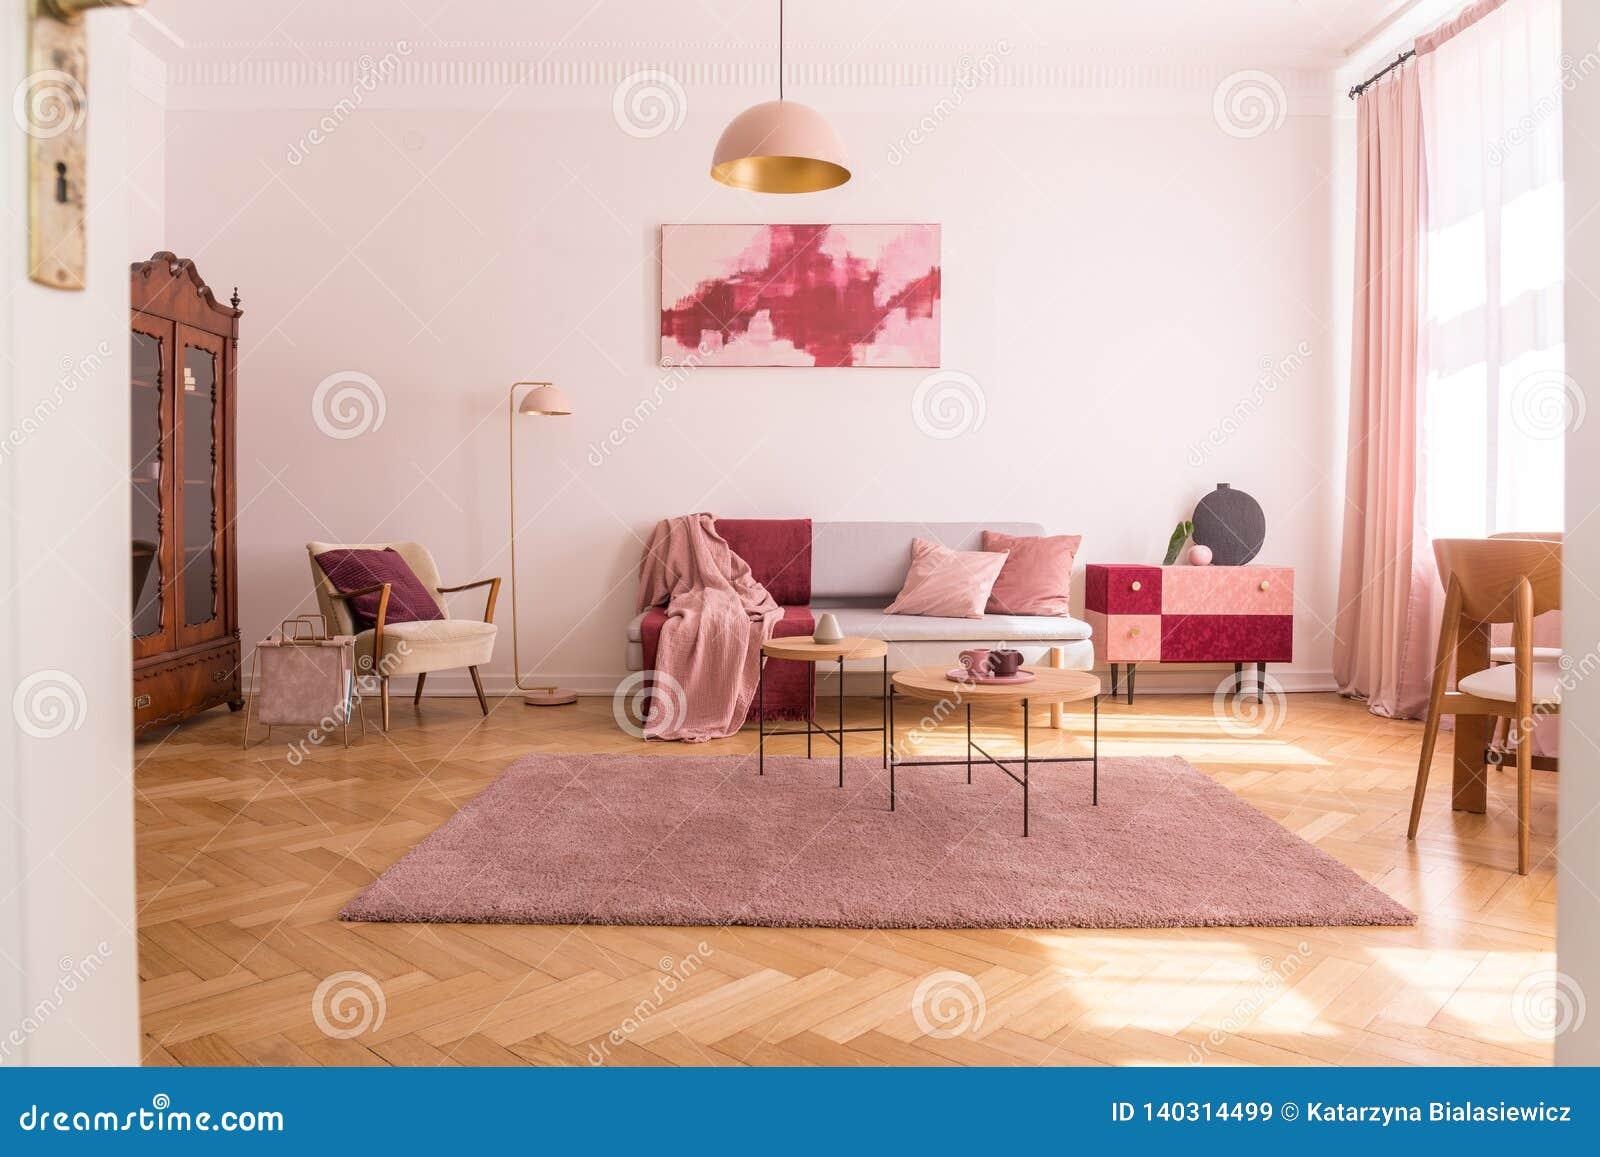 Καθιερώνον τη μόδα εσωτερικό καθιστικών με τον γκρίζο καναπέ με τα ρόδινα μαξιλάρια κρητιδογραφιών και τη γενική, μοντέρνη μπεζ π